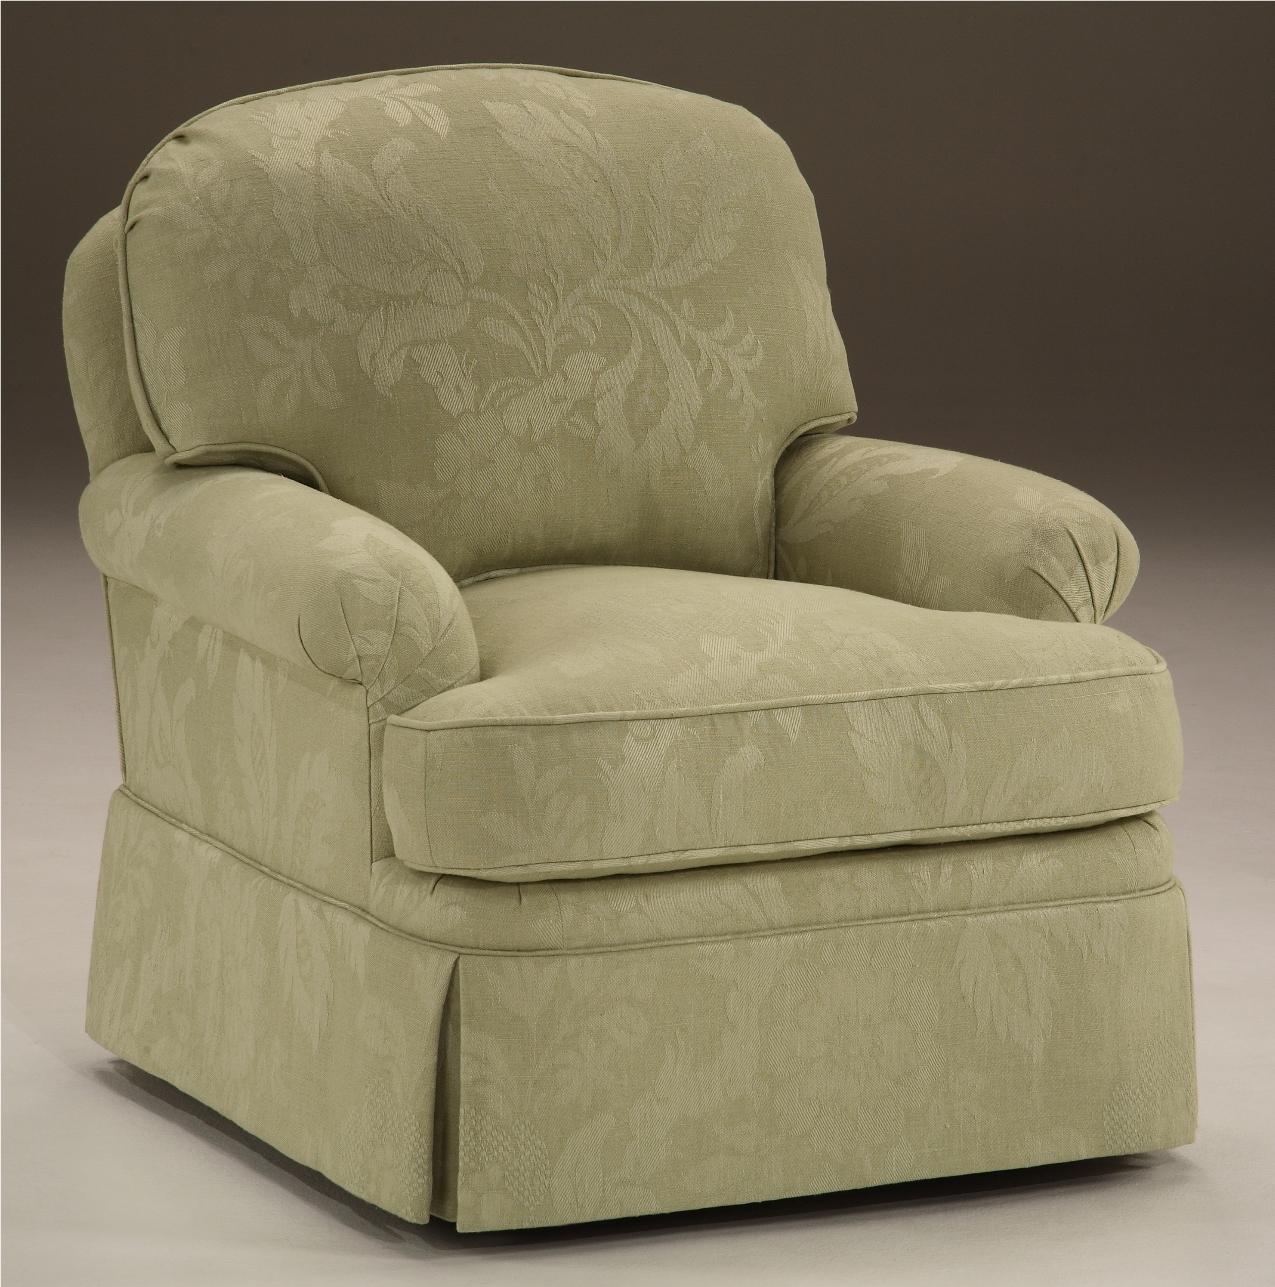 671 Lounge Chair